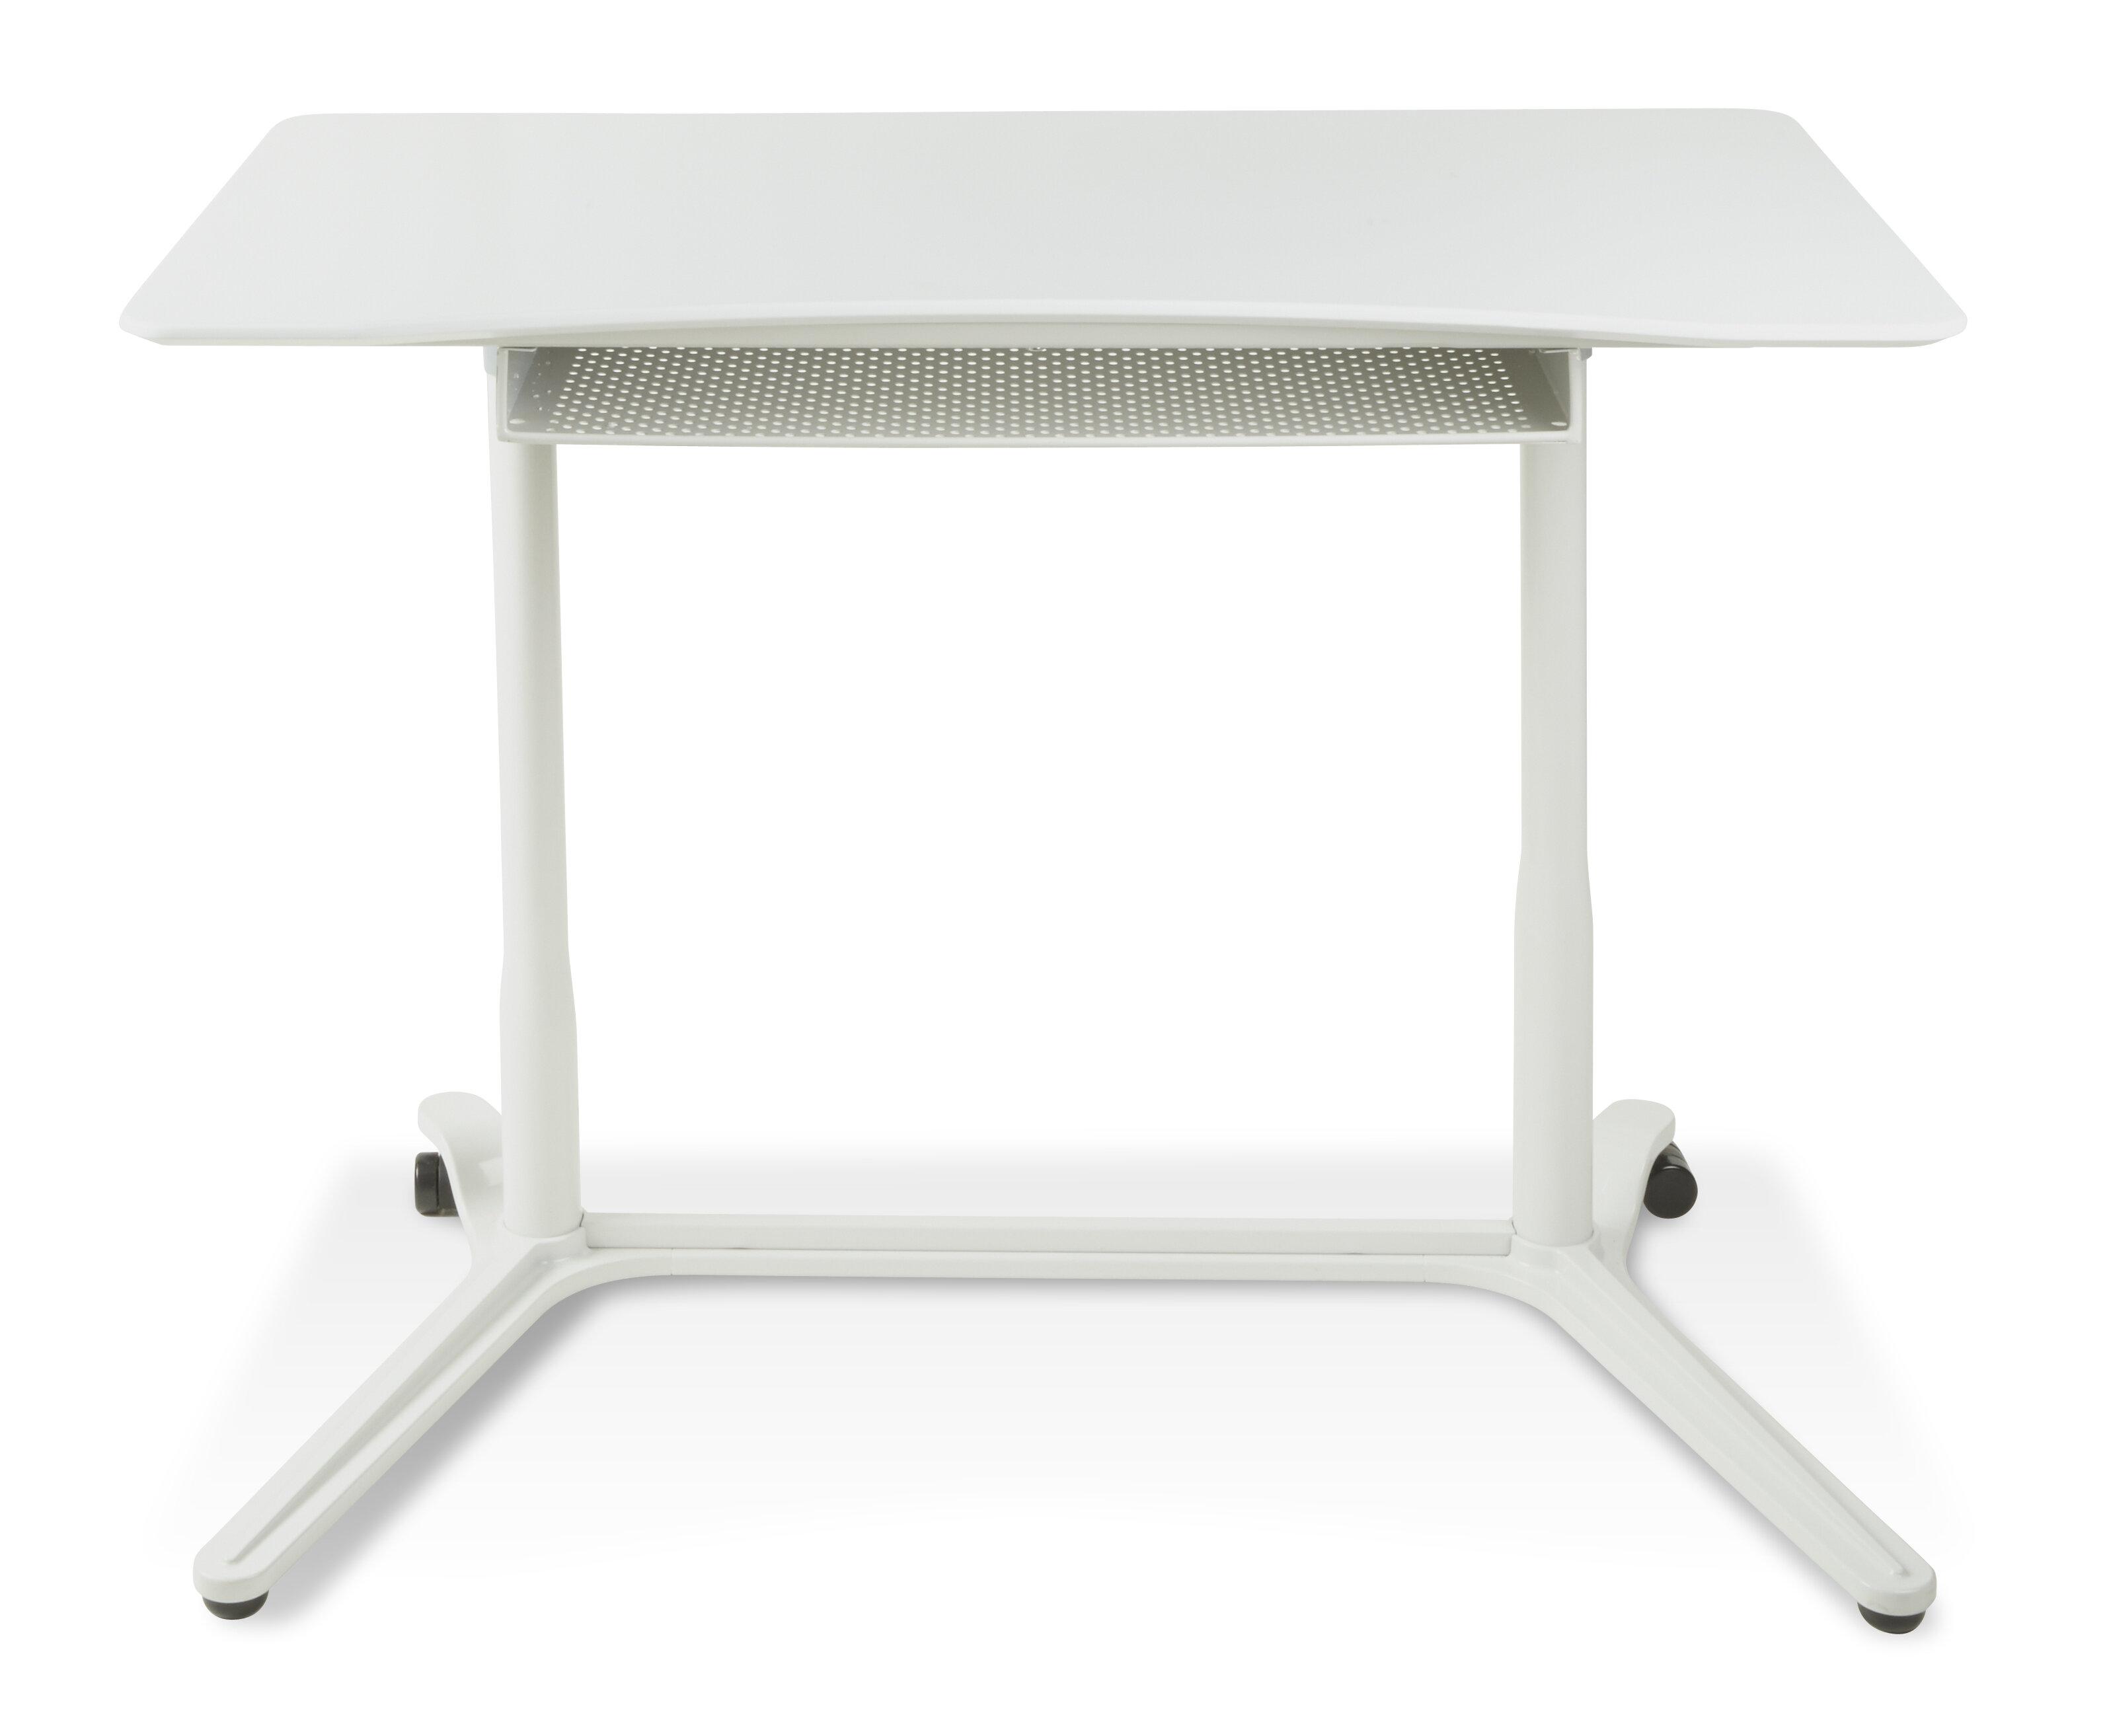 ergo desk haaken furniture reviews standing wayfair pdx